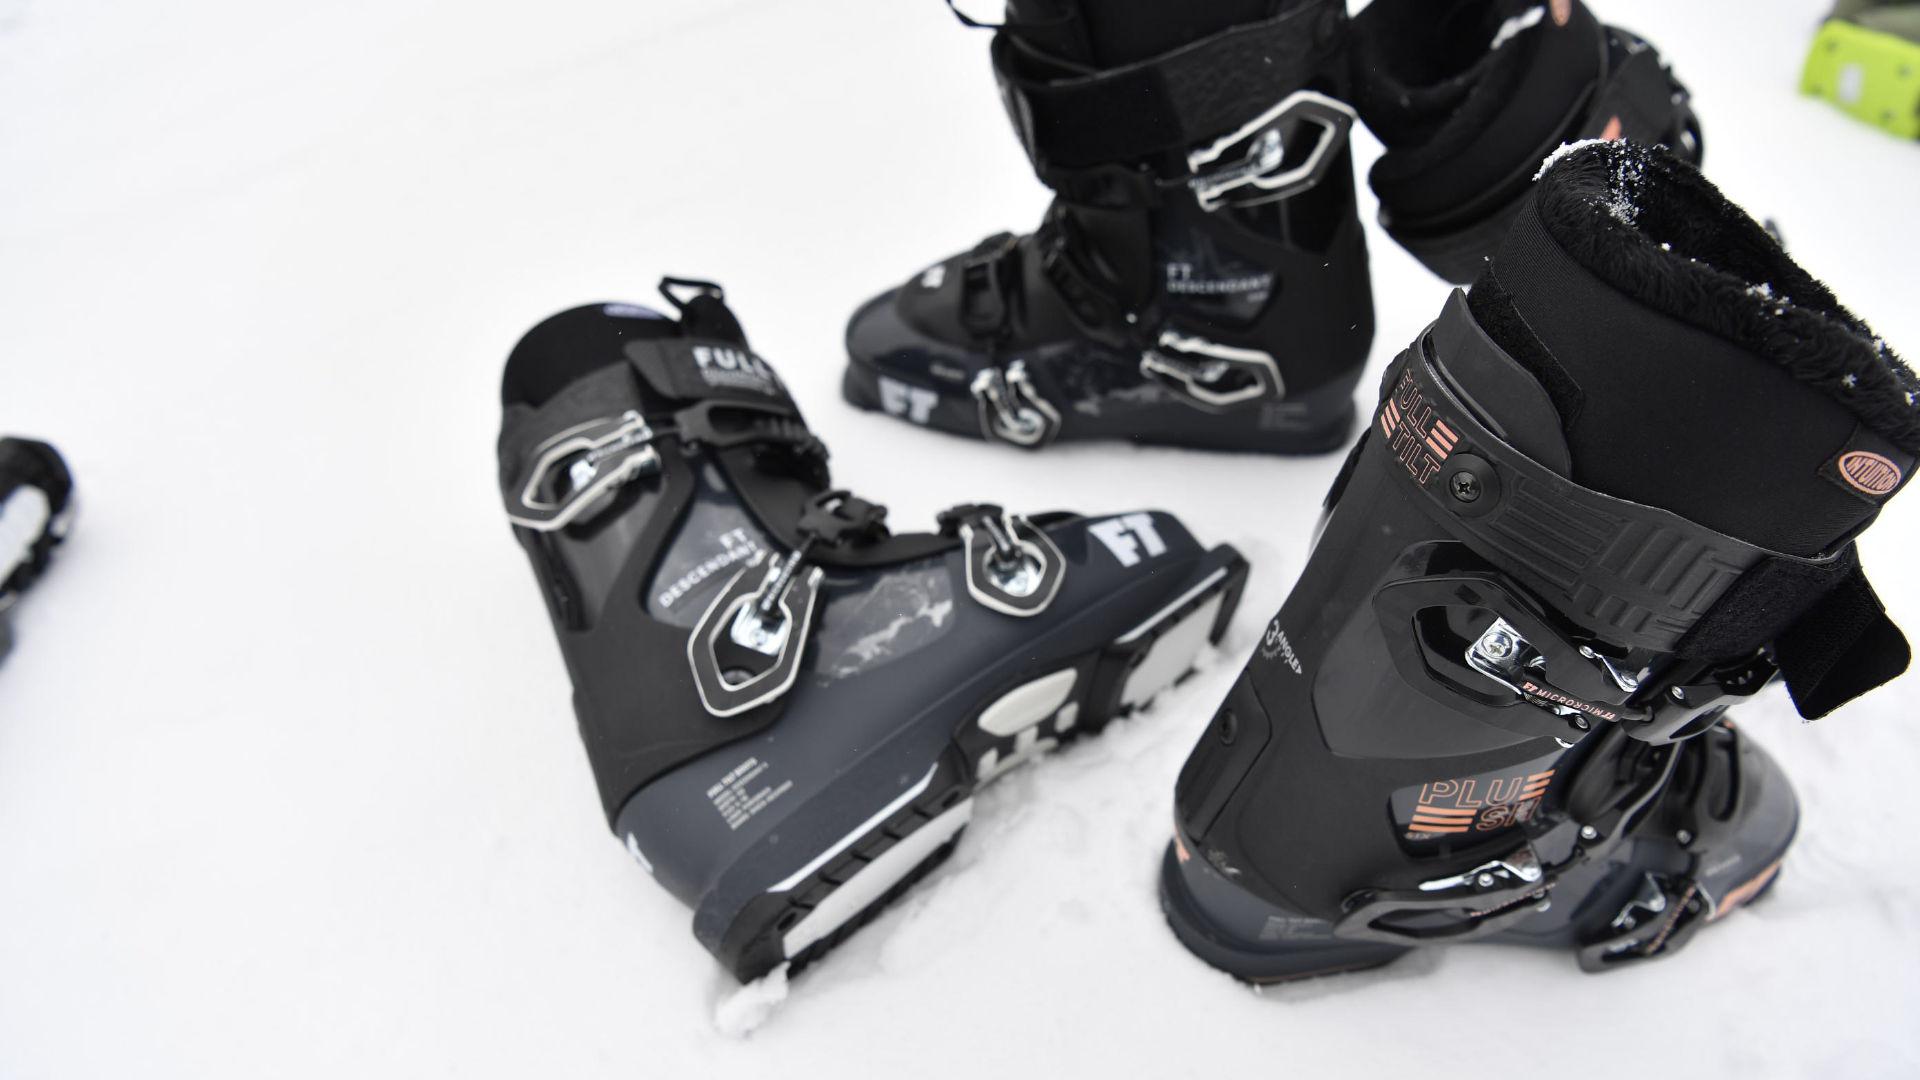 Boots Des Guide D'achat De Ski vwN0m8Oyn